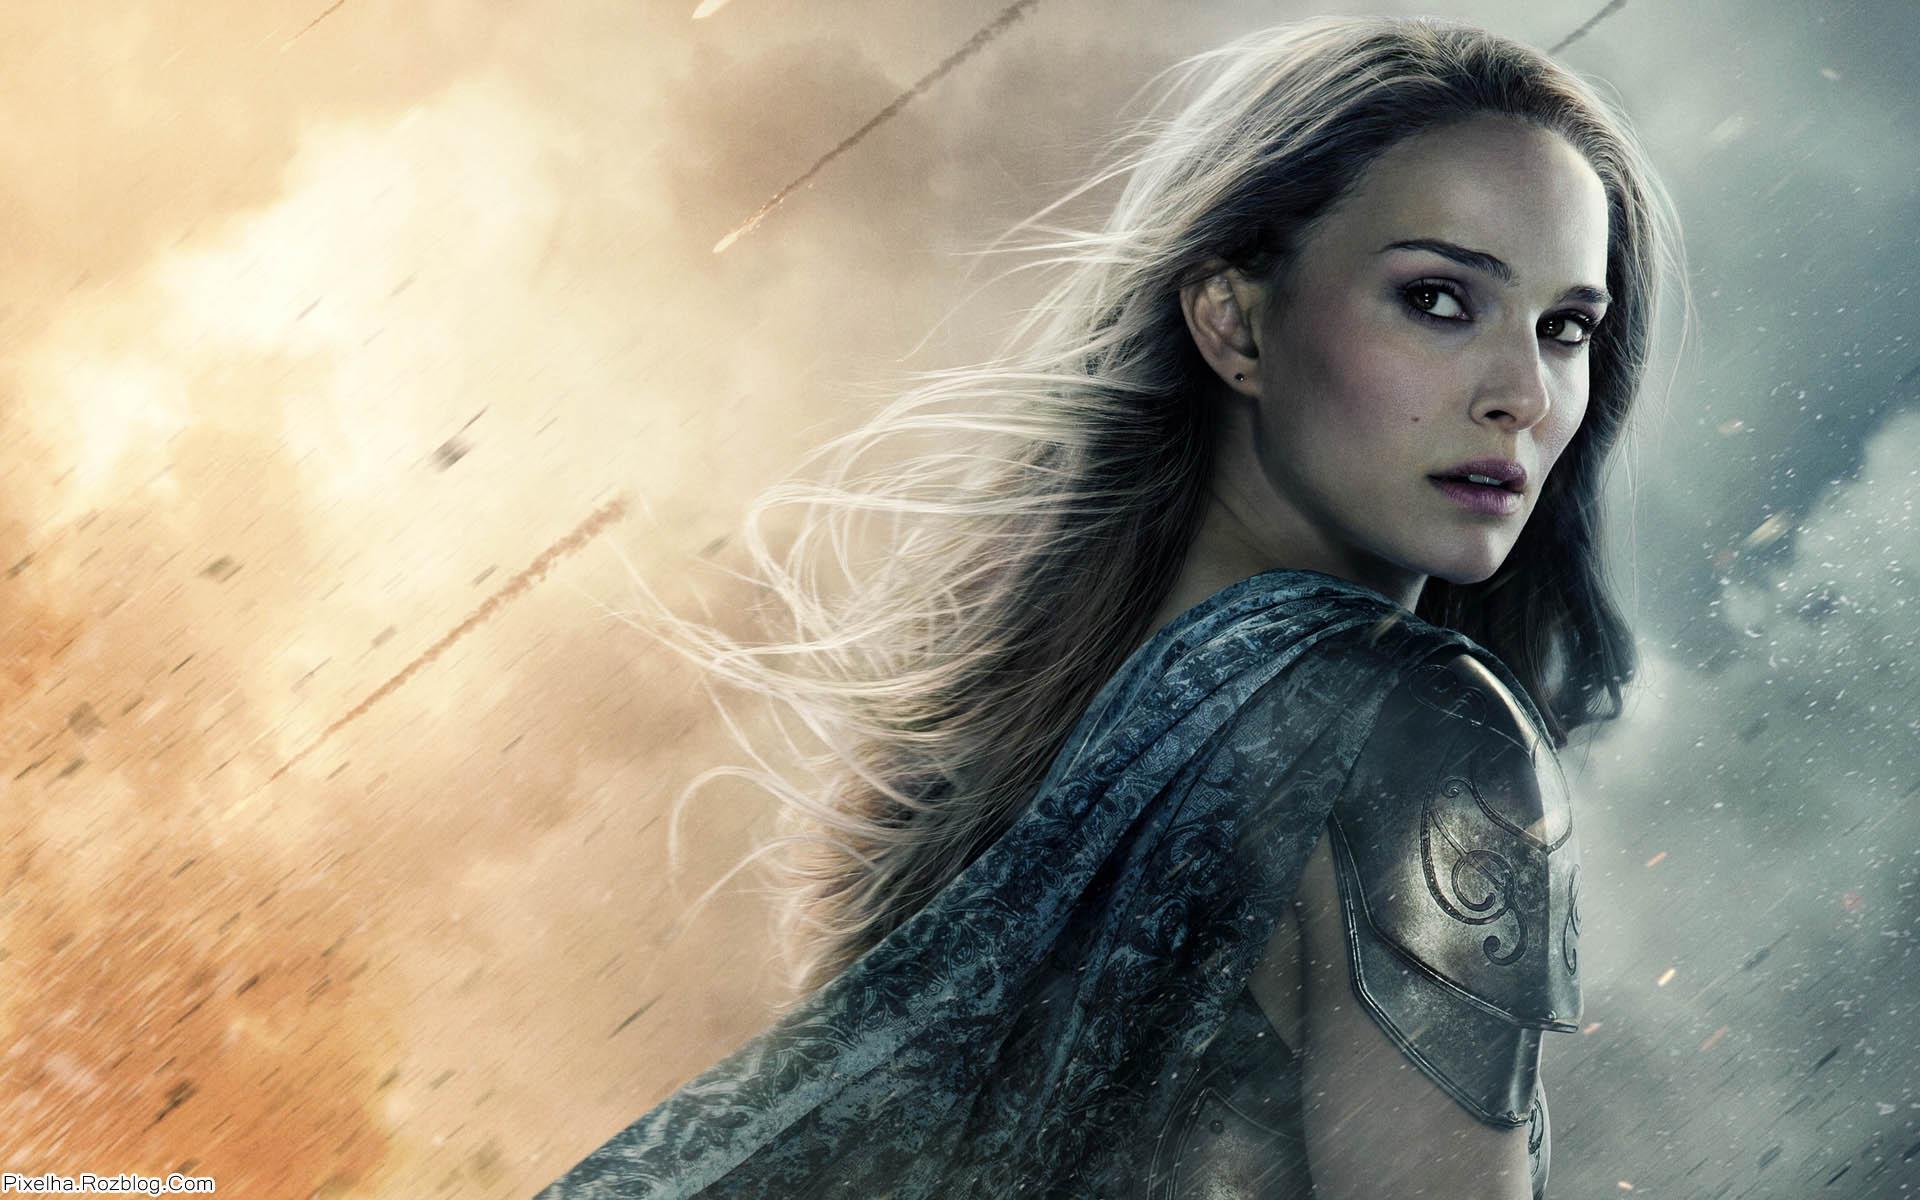 والپیپر Natalie Portman بازیگر فیلم Thor 2